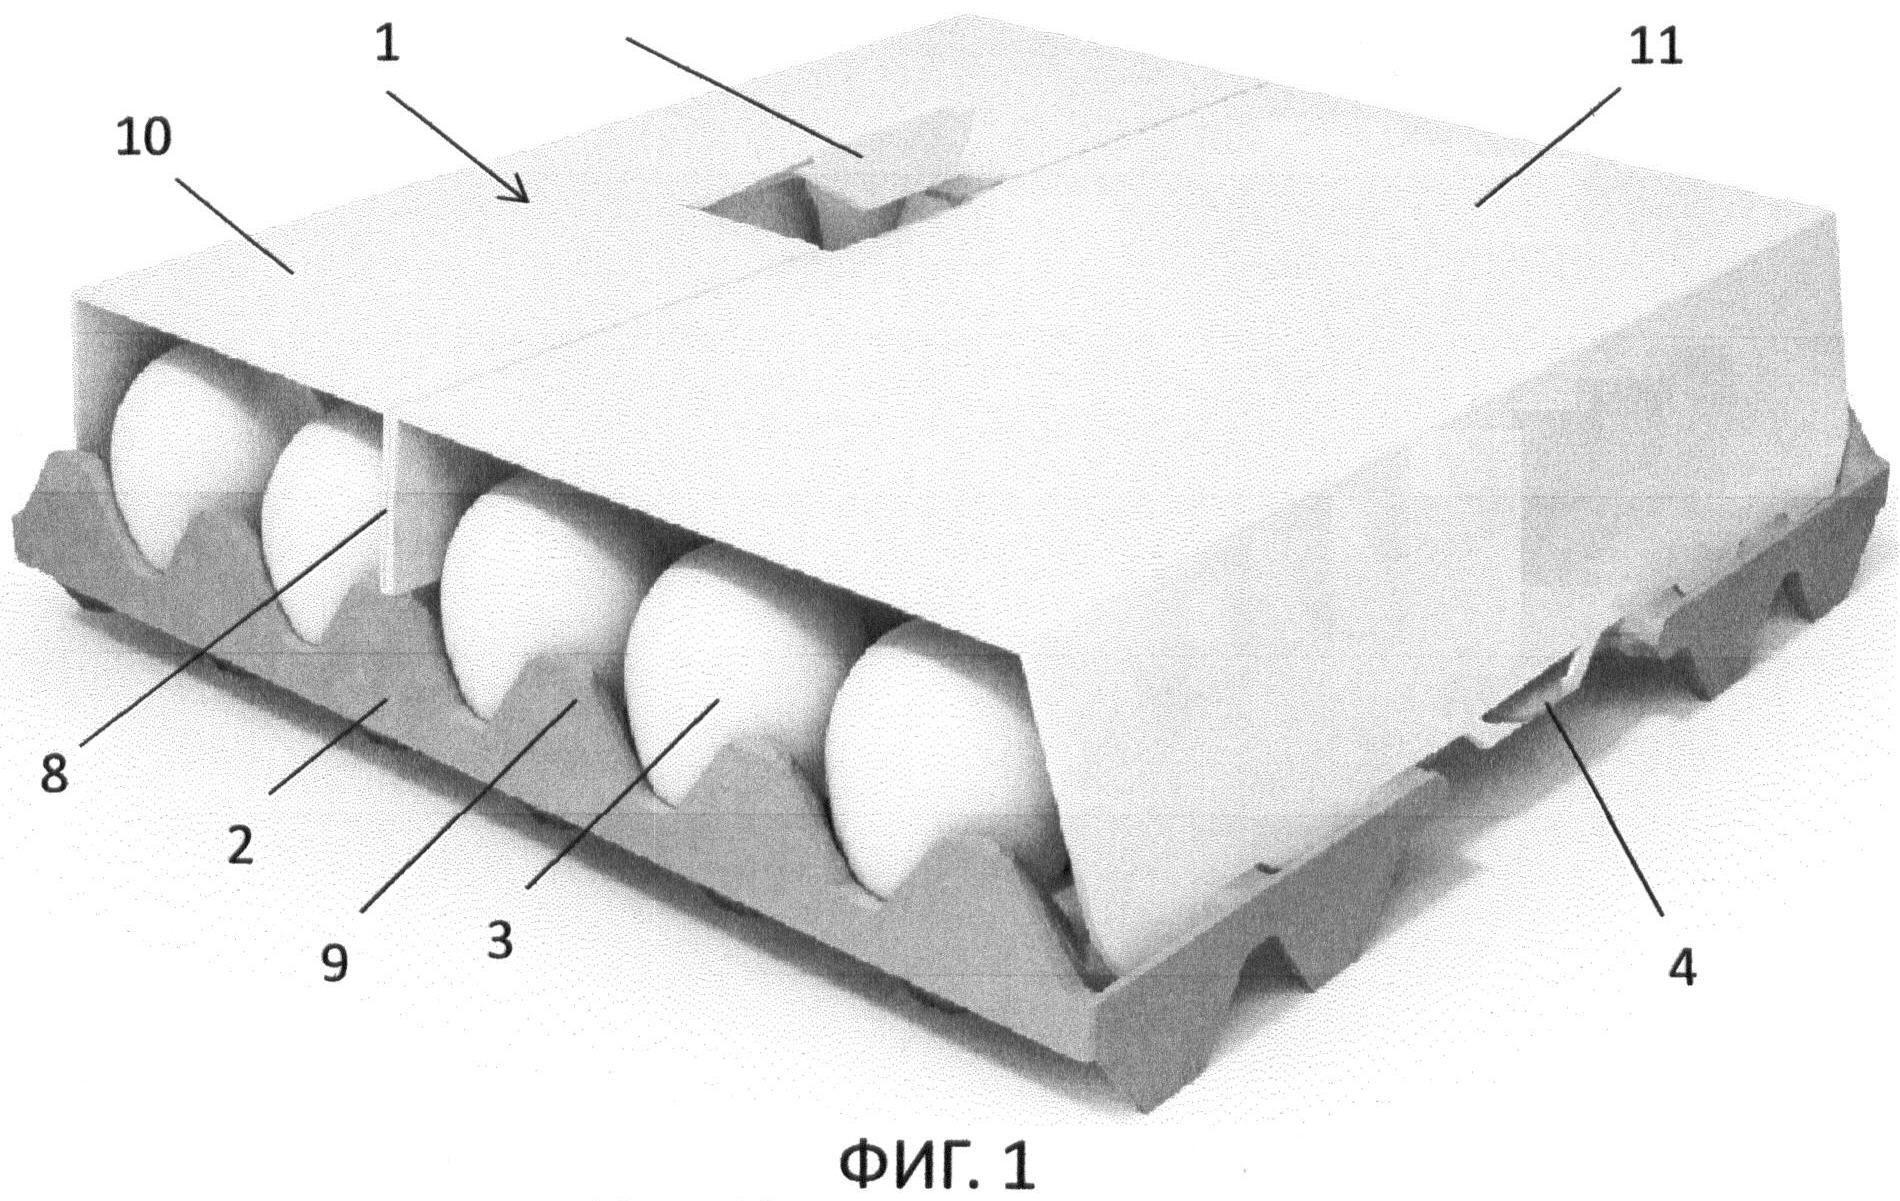 Крышка для упаковки яиц в бугорчатой прокладке и упаковка для яиц с такой крышкой